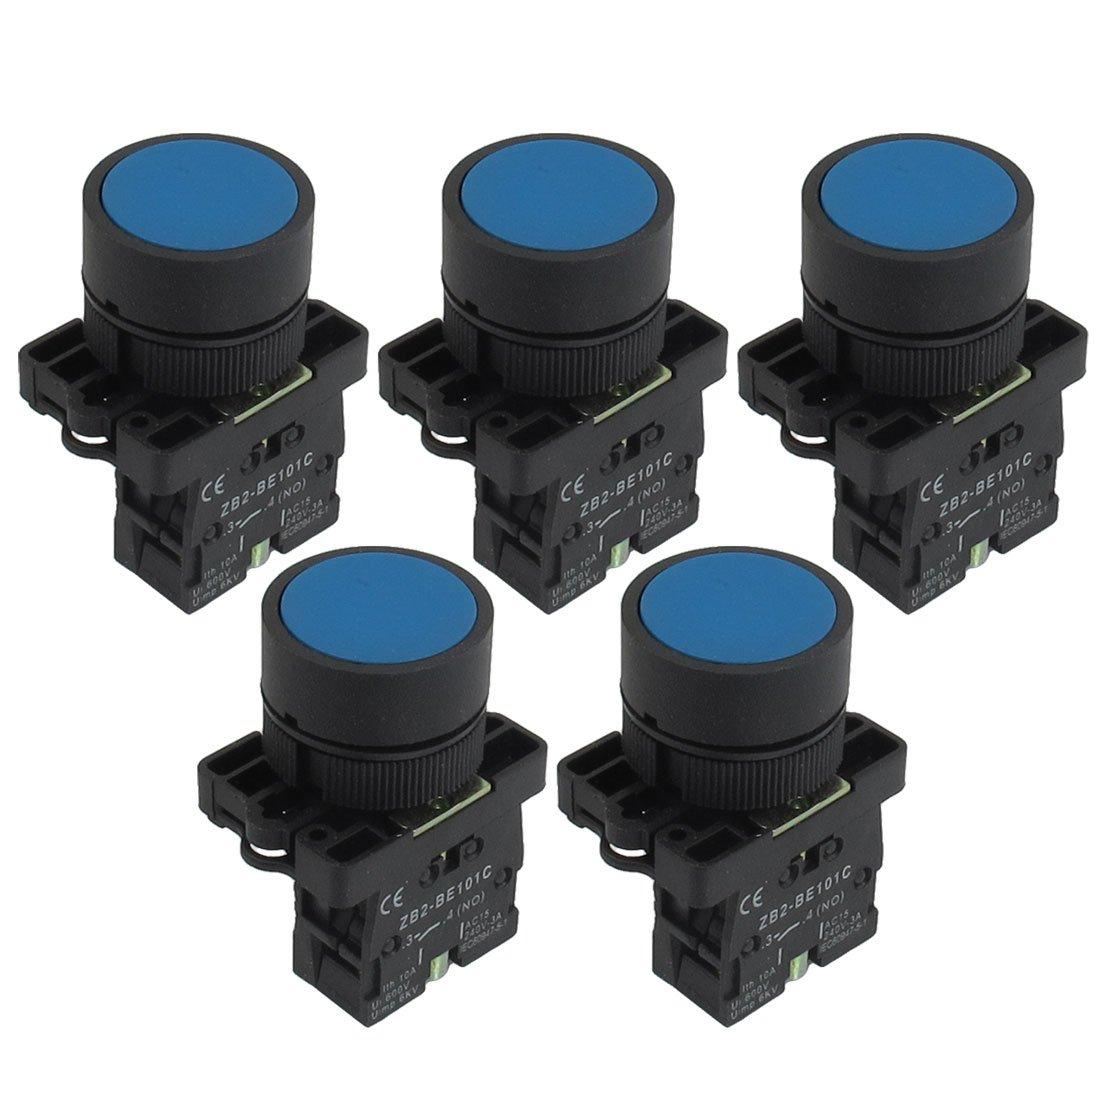 5 x 22mm 1 NO N/O Azul Signo Momentáneo Pulsador Conmutador 600V 10A ZB2-BE101C